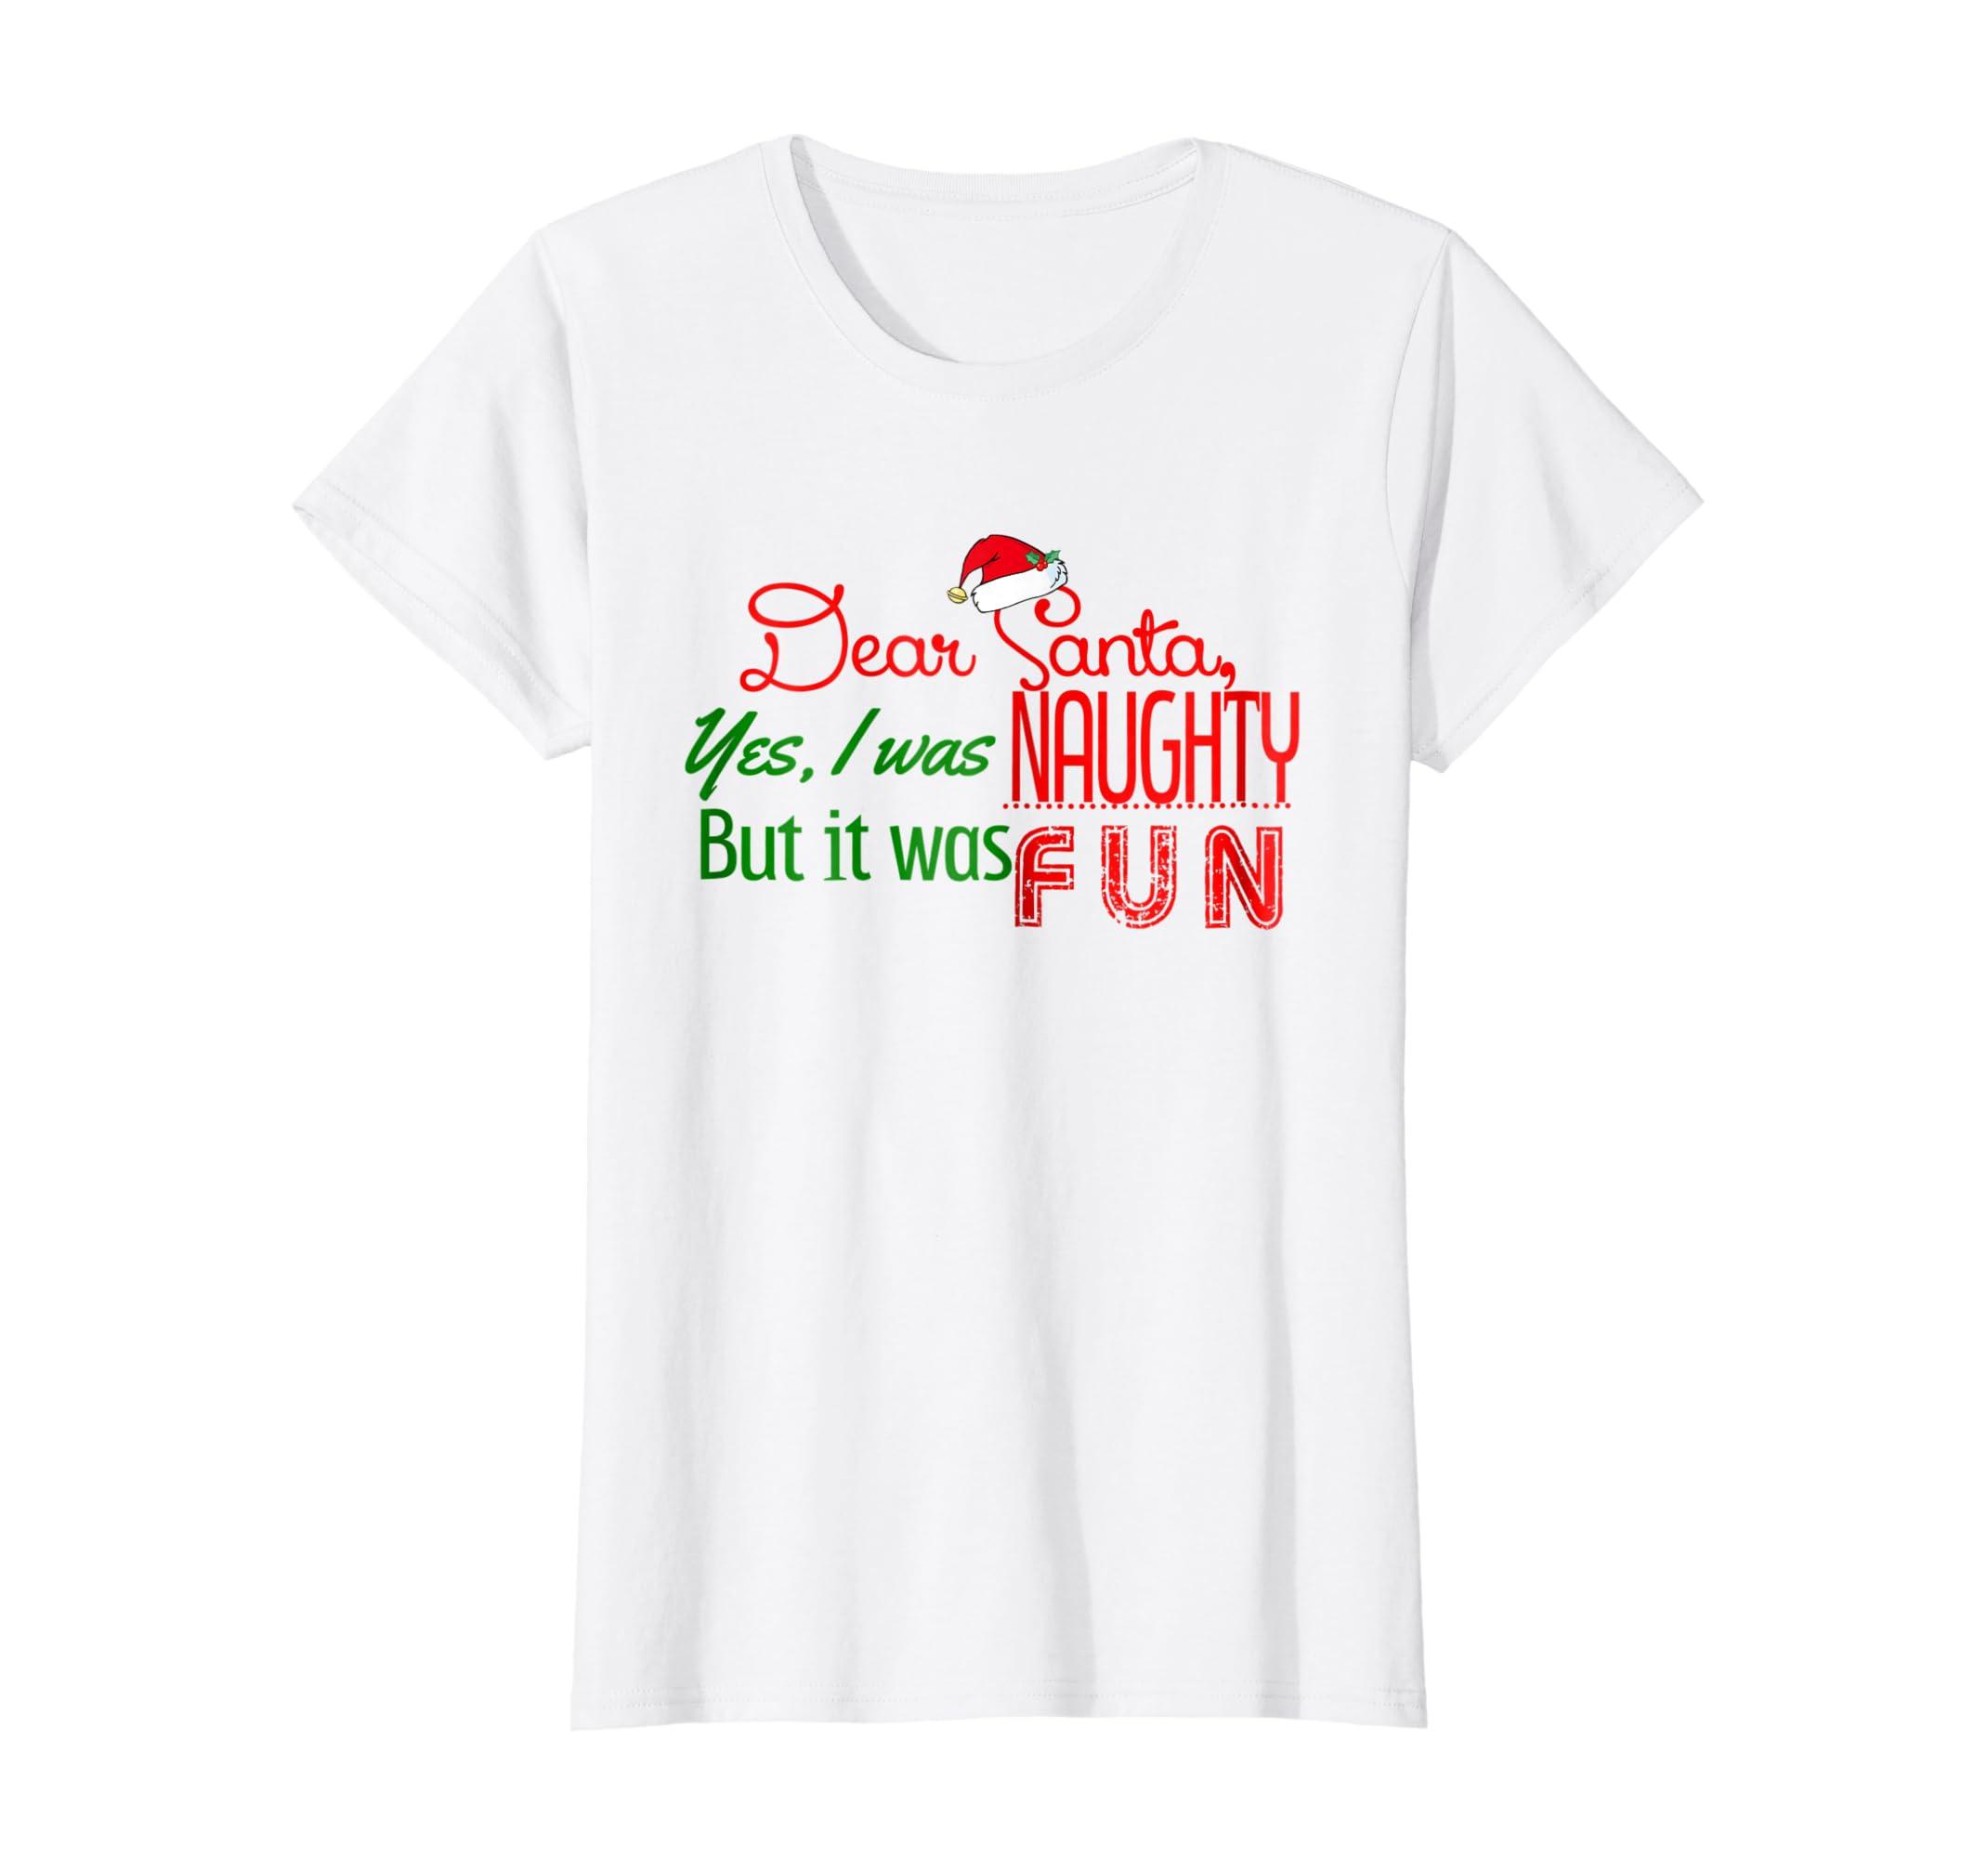 Christmas Shirt Sayings.Amazon Com Funny Christmas Shirts For Adults Clothing